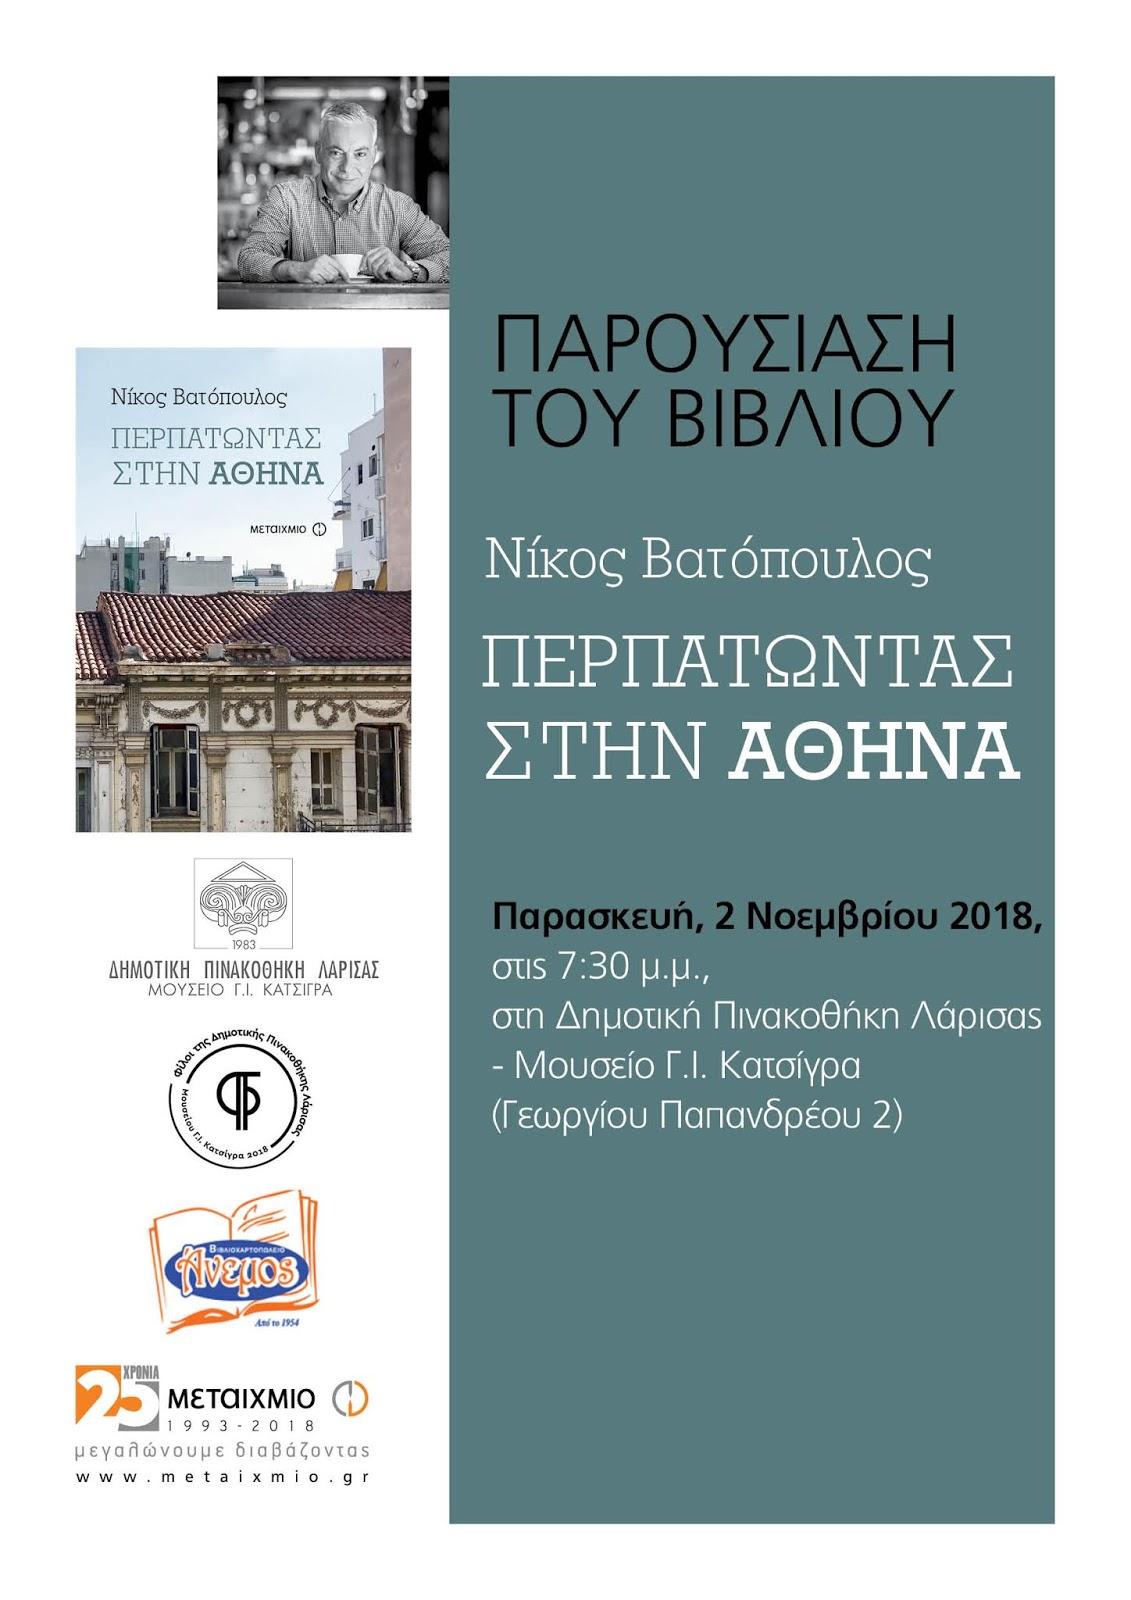 Παρουσίαση βιβλίου «Περπατώντας στην Αθήνα» του Νίκου Βατόπουλου στη Δημοτική Πινακοθήκη Λάρισας